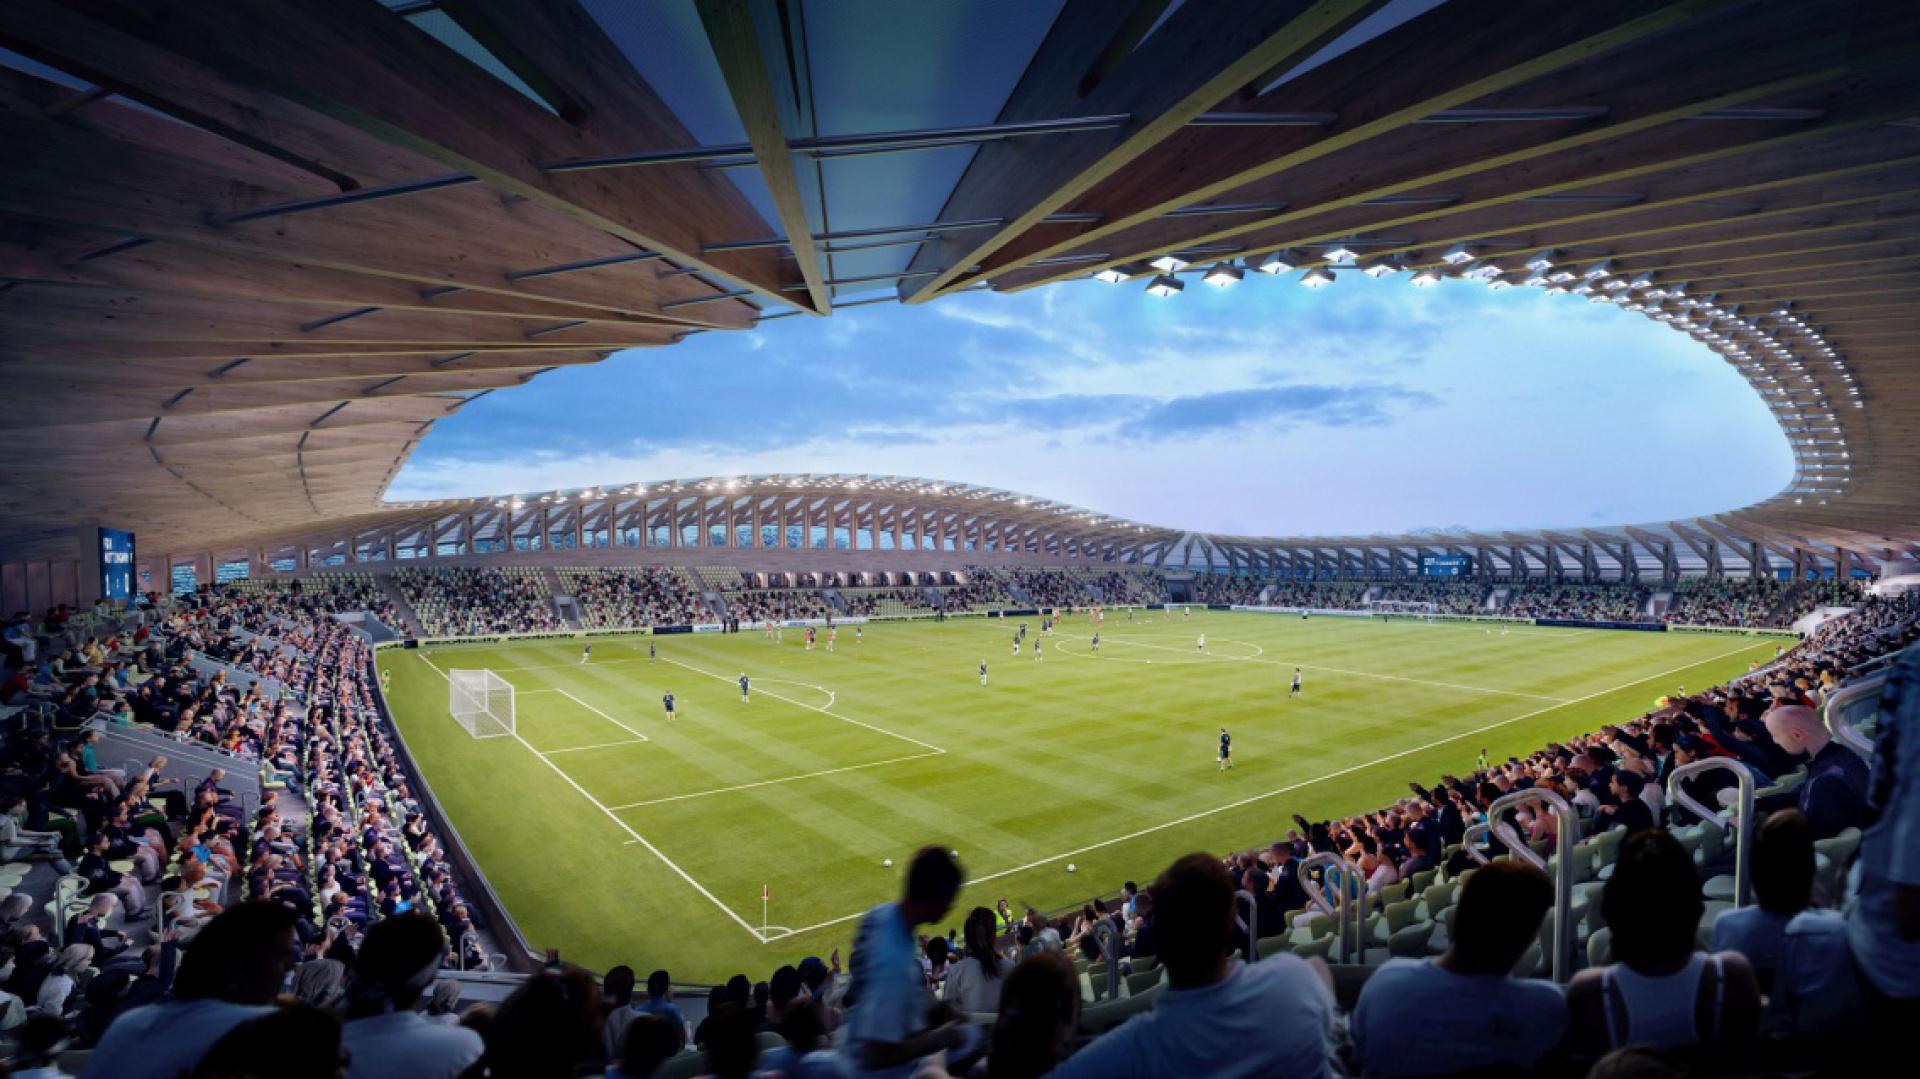 fot. materiały prasowe Zaha Hadid Architects.